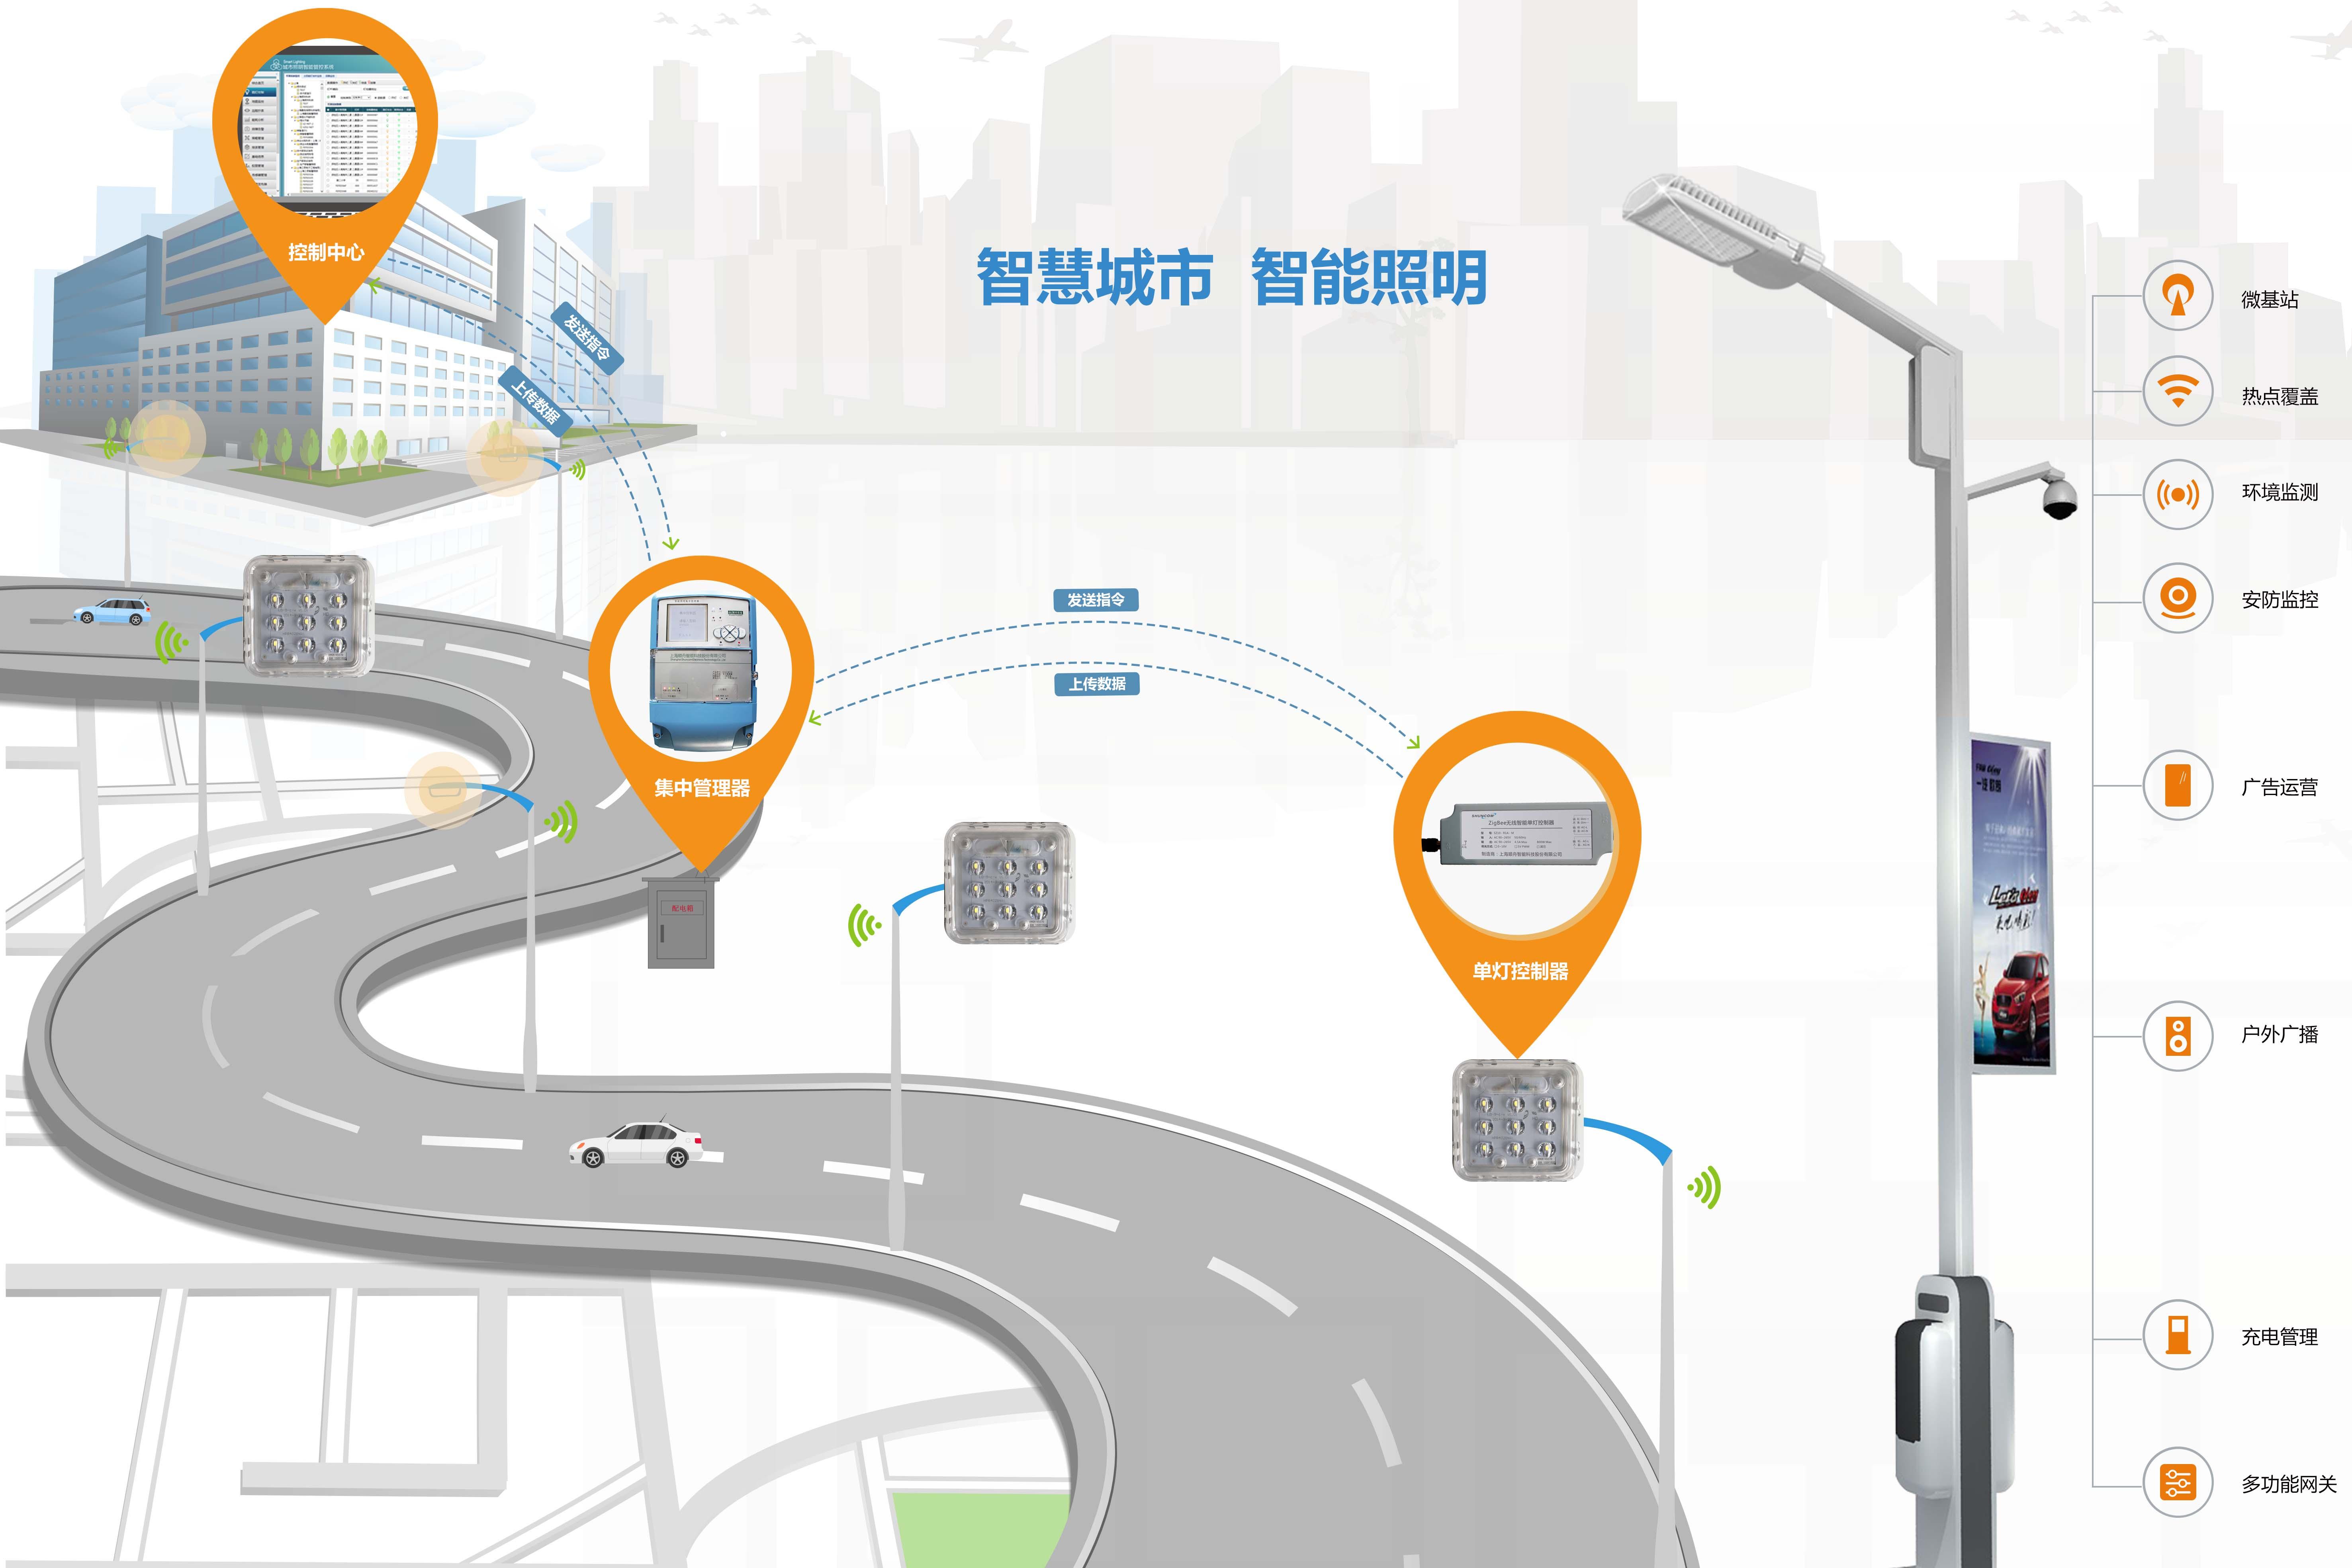 解析:为什么zigbee技术适合应用于城市智慧路灯照明领域